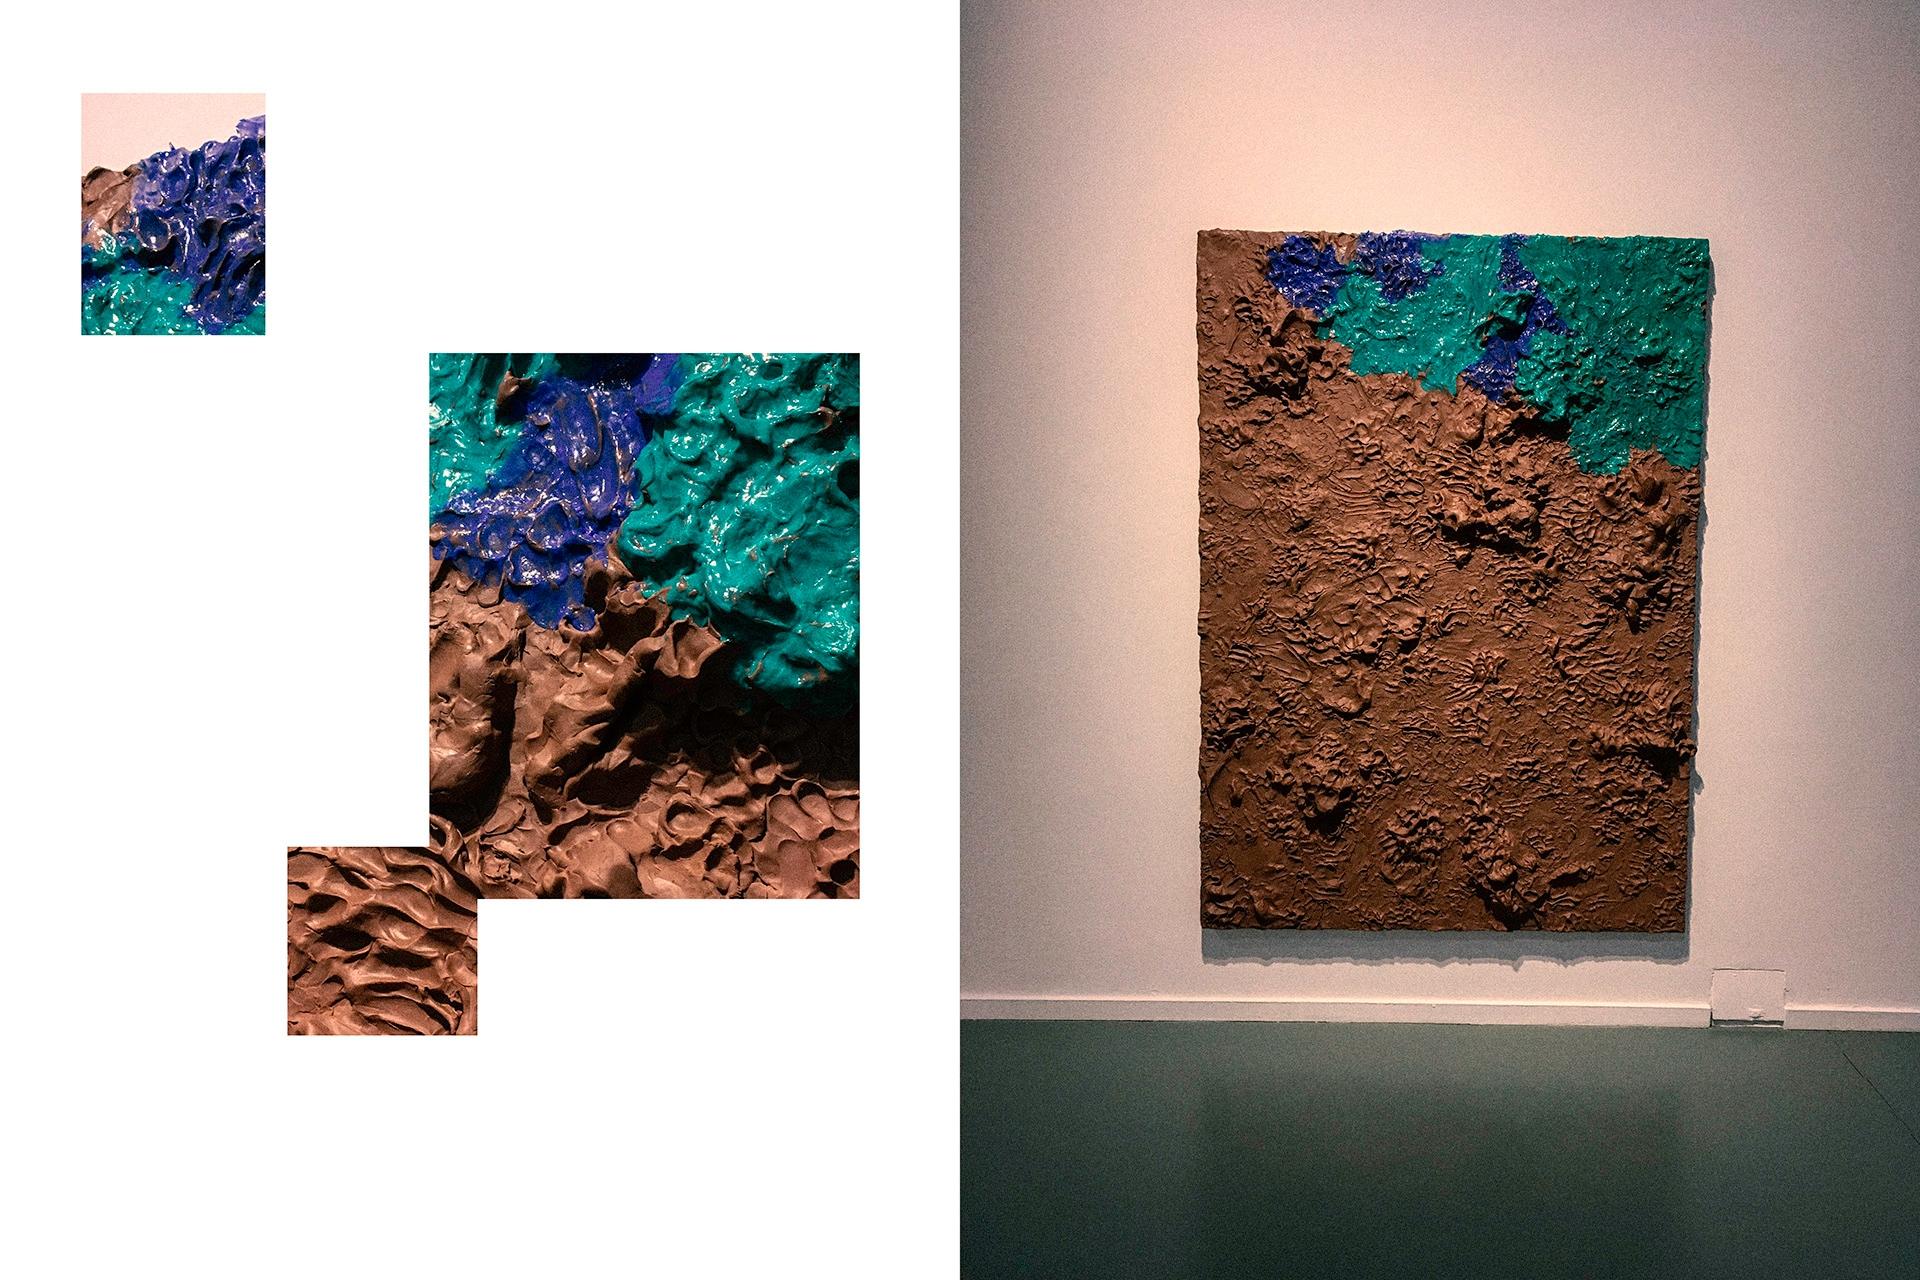 Obraz przedstawia zdjęcie obrazu i fragmenty obrazu.